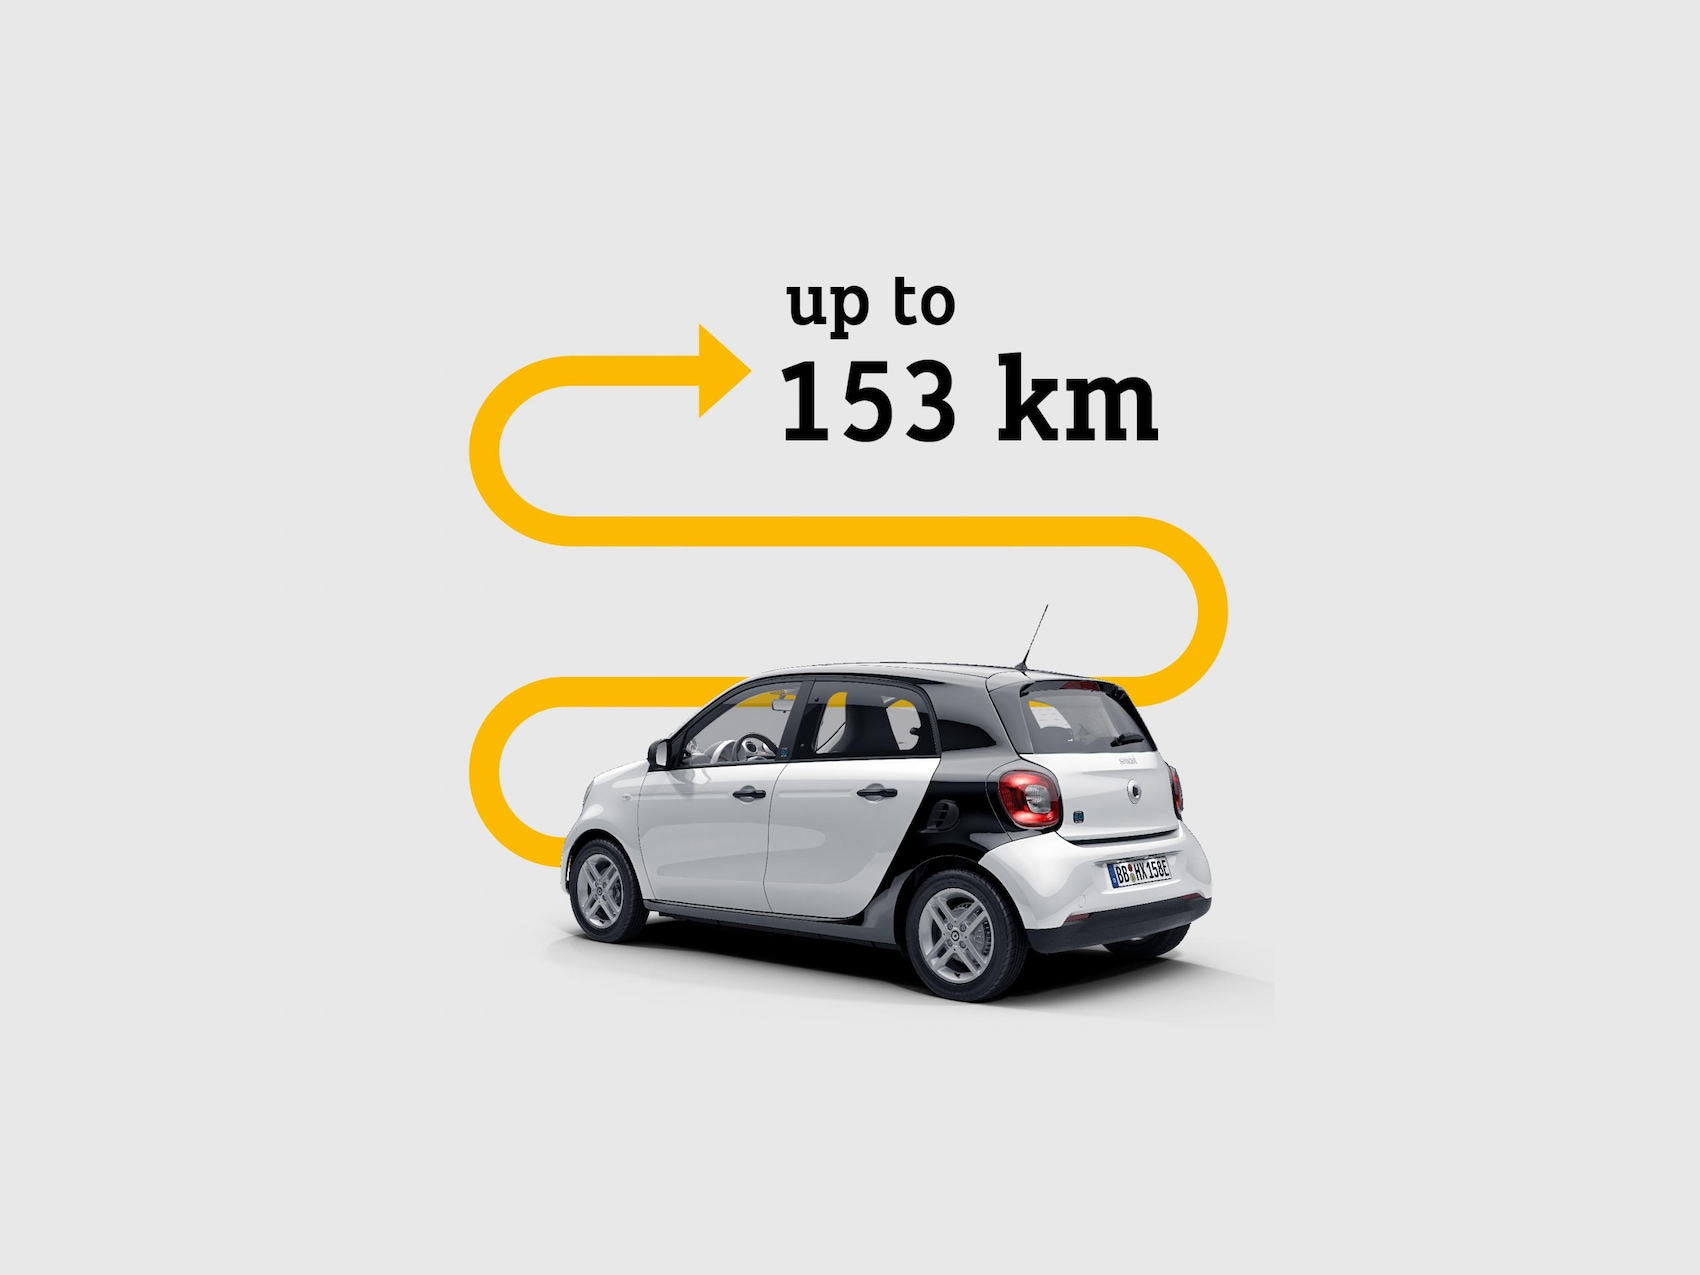 Vozidlo smart EQ forfour, nad ktorým šípka poukazuje na dojazd 153km.